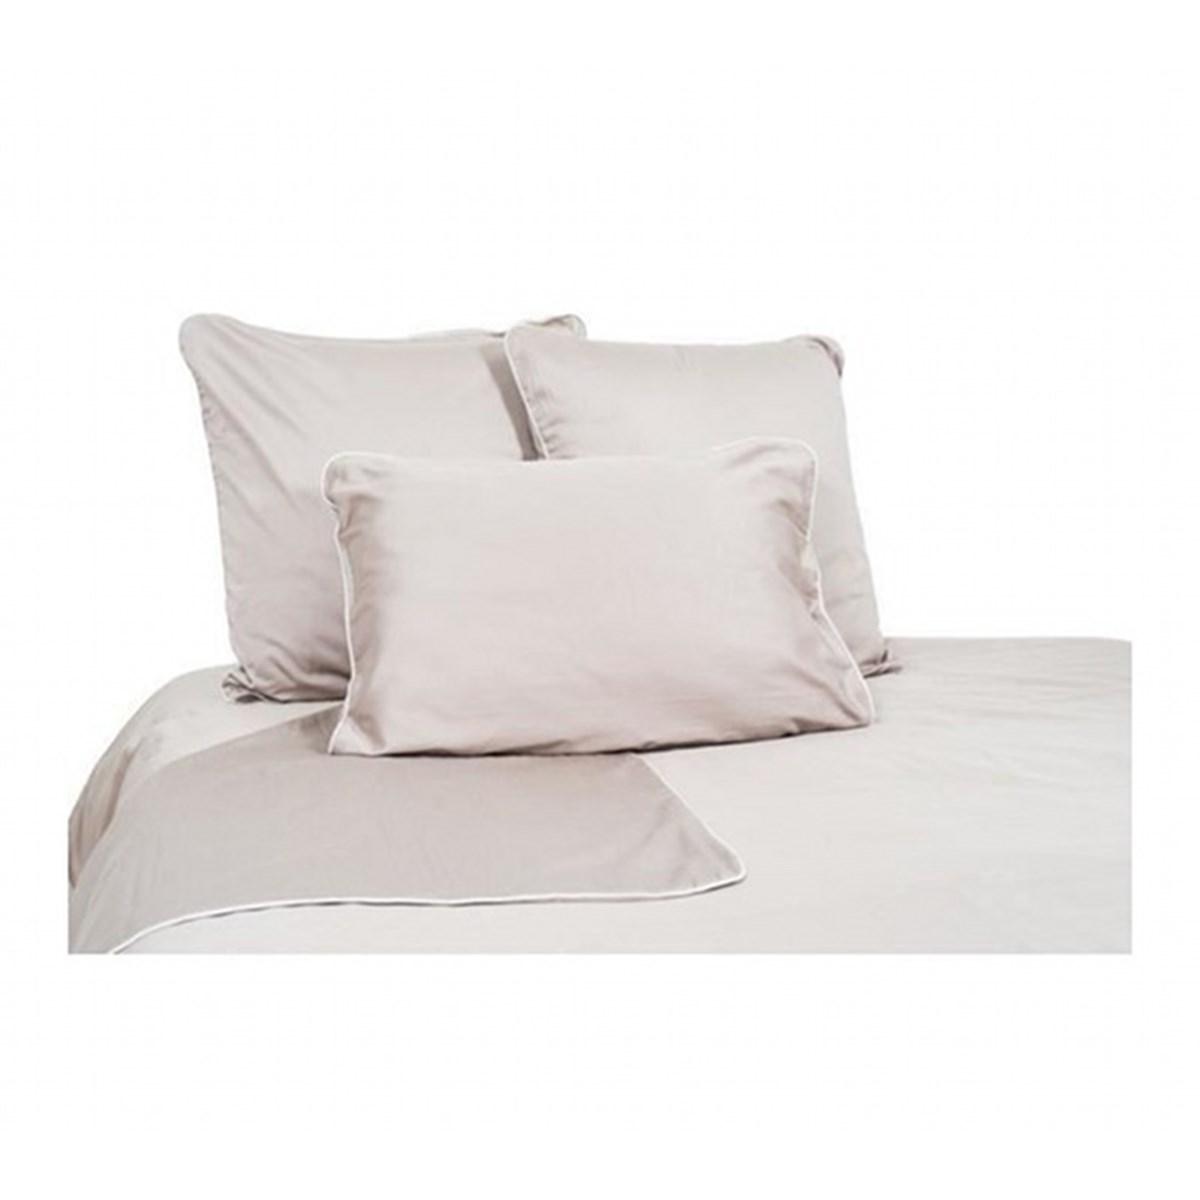 drap housse noir 160x200 drap housse 160x200 cm unico coloris noir conforama pickture drap. Black Bedroom Furniture Sets. Home Design Ideas